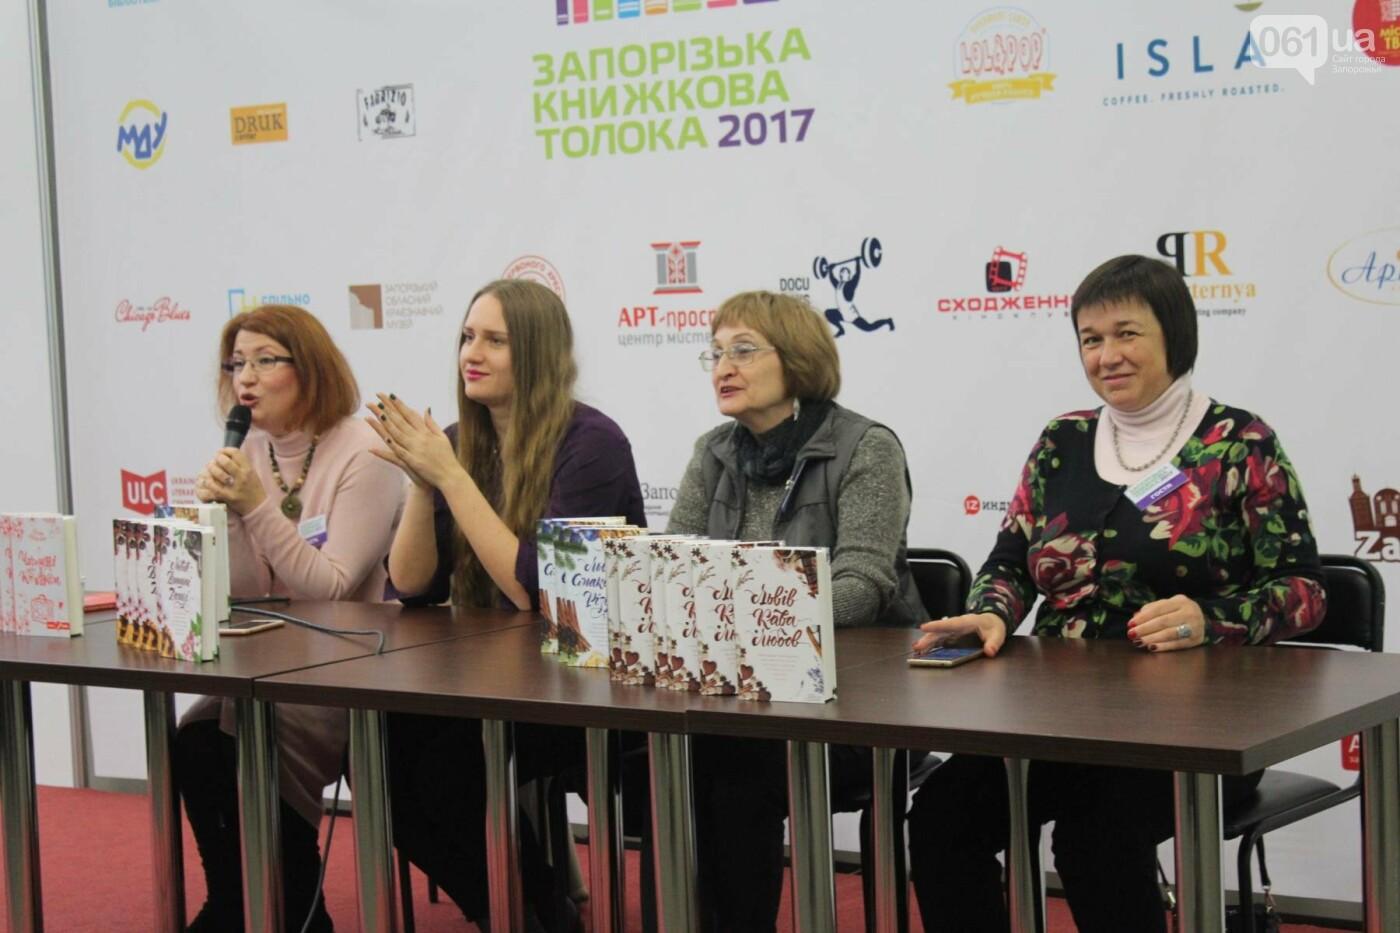 Как это было: Запорожская книжная толока в 70 фотографиях , фото-40